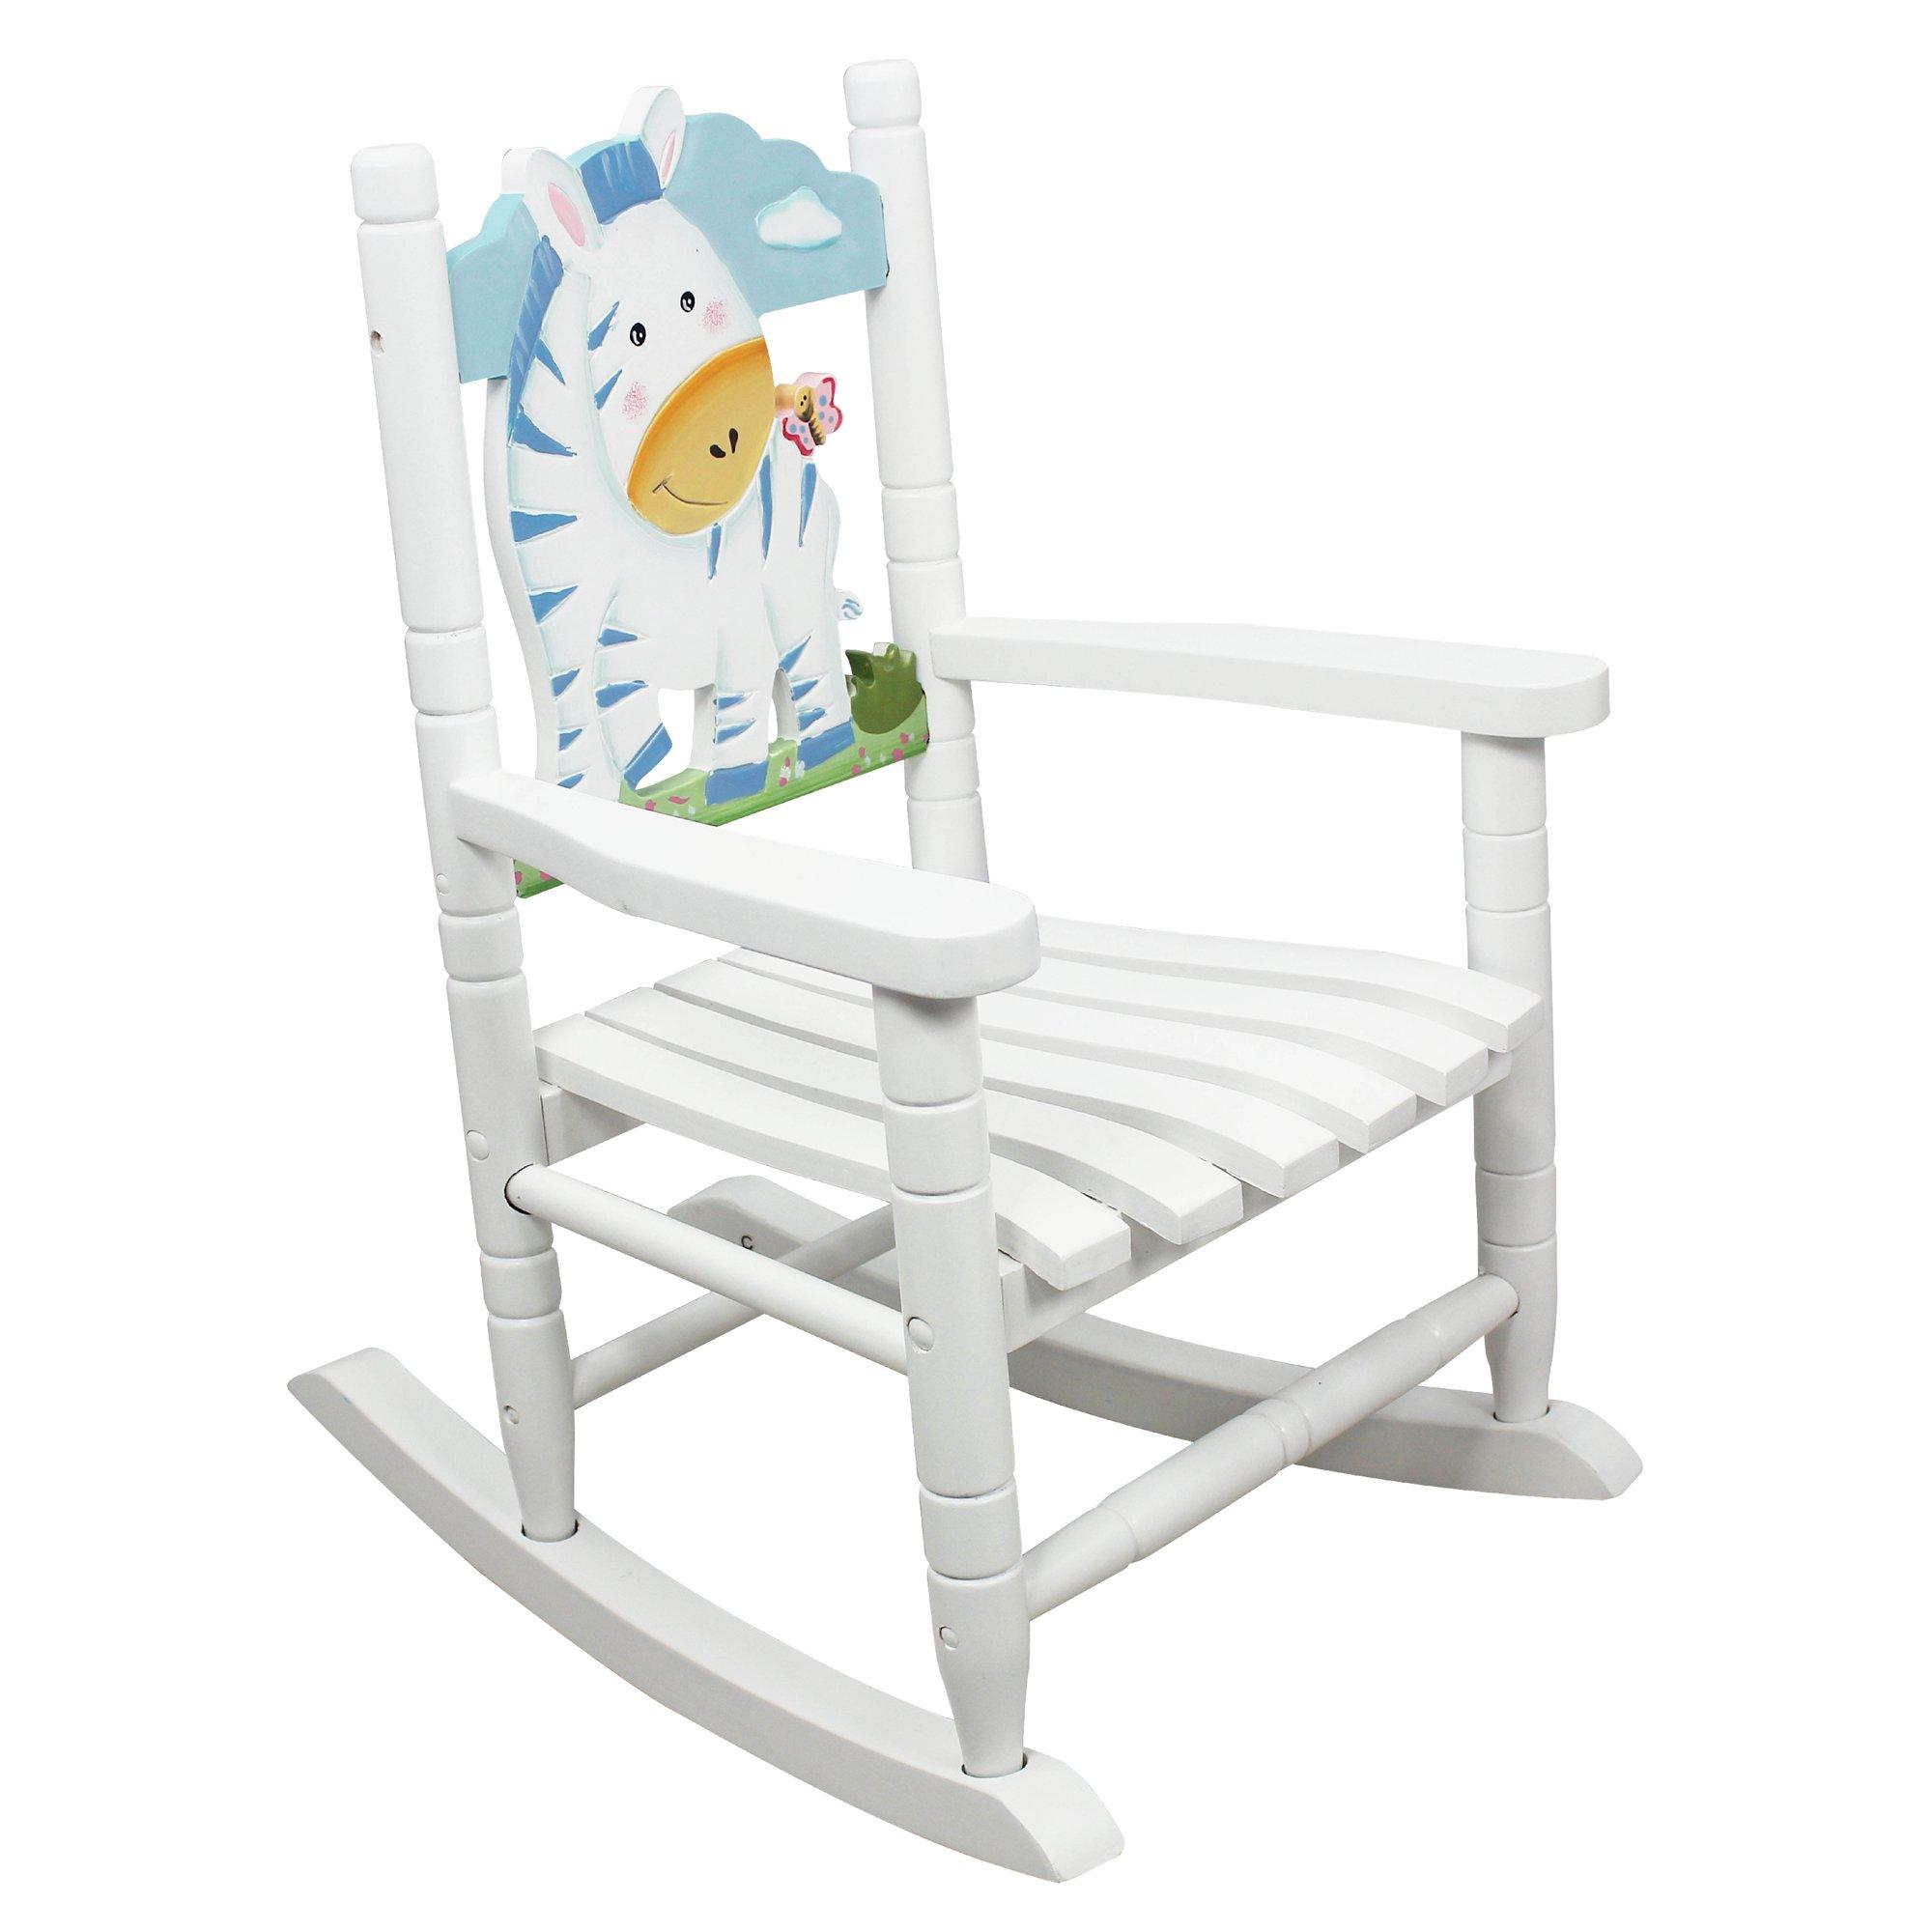 Teamson Kids - Safari Wooden Rocking Chair for Children - Zebra by Teamson